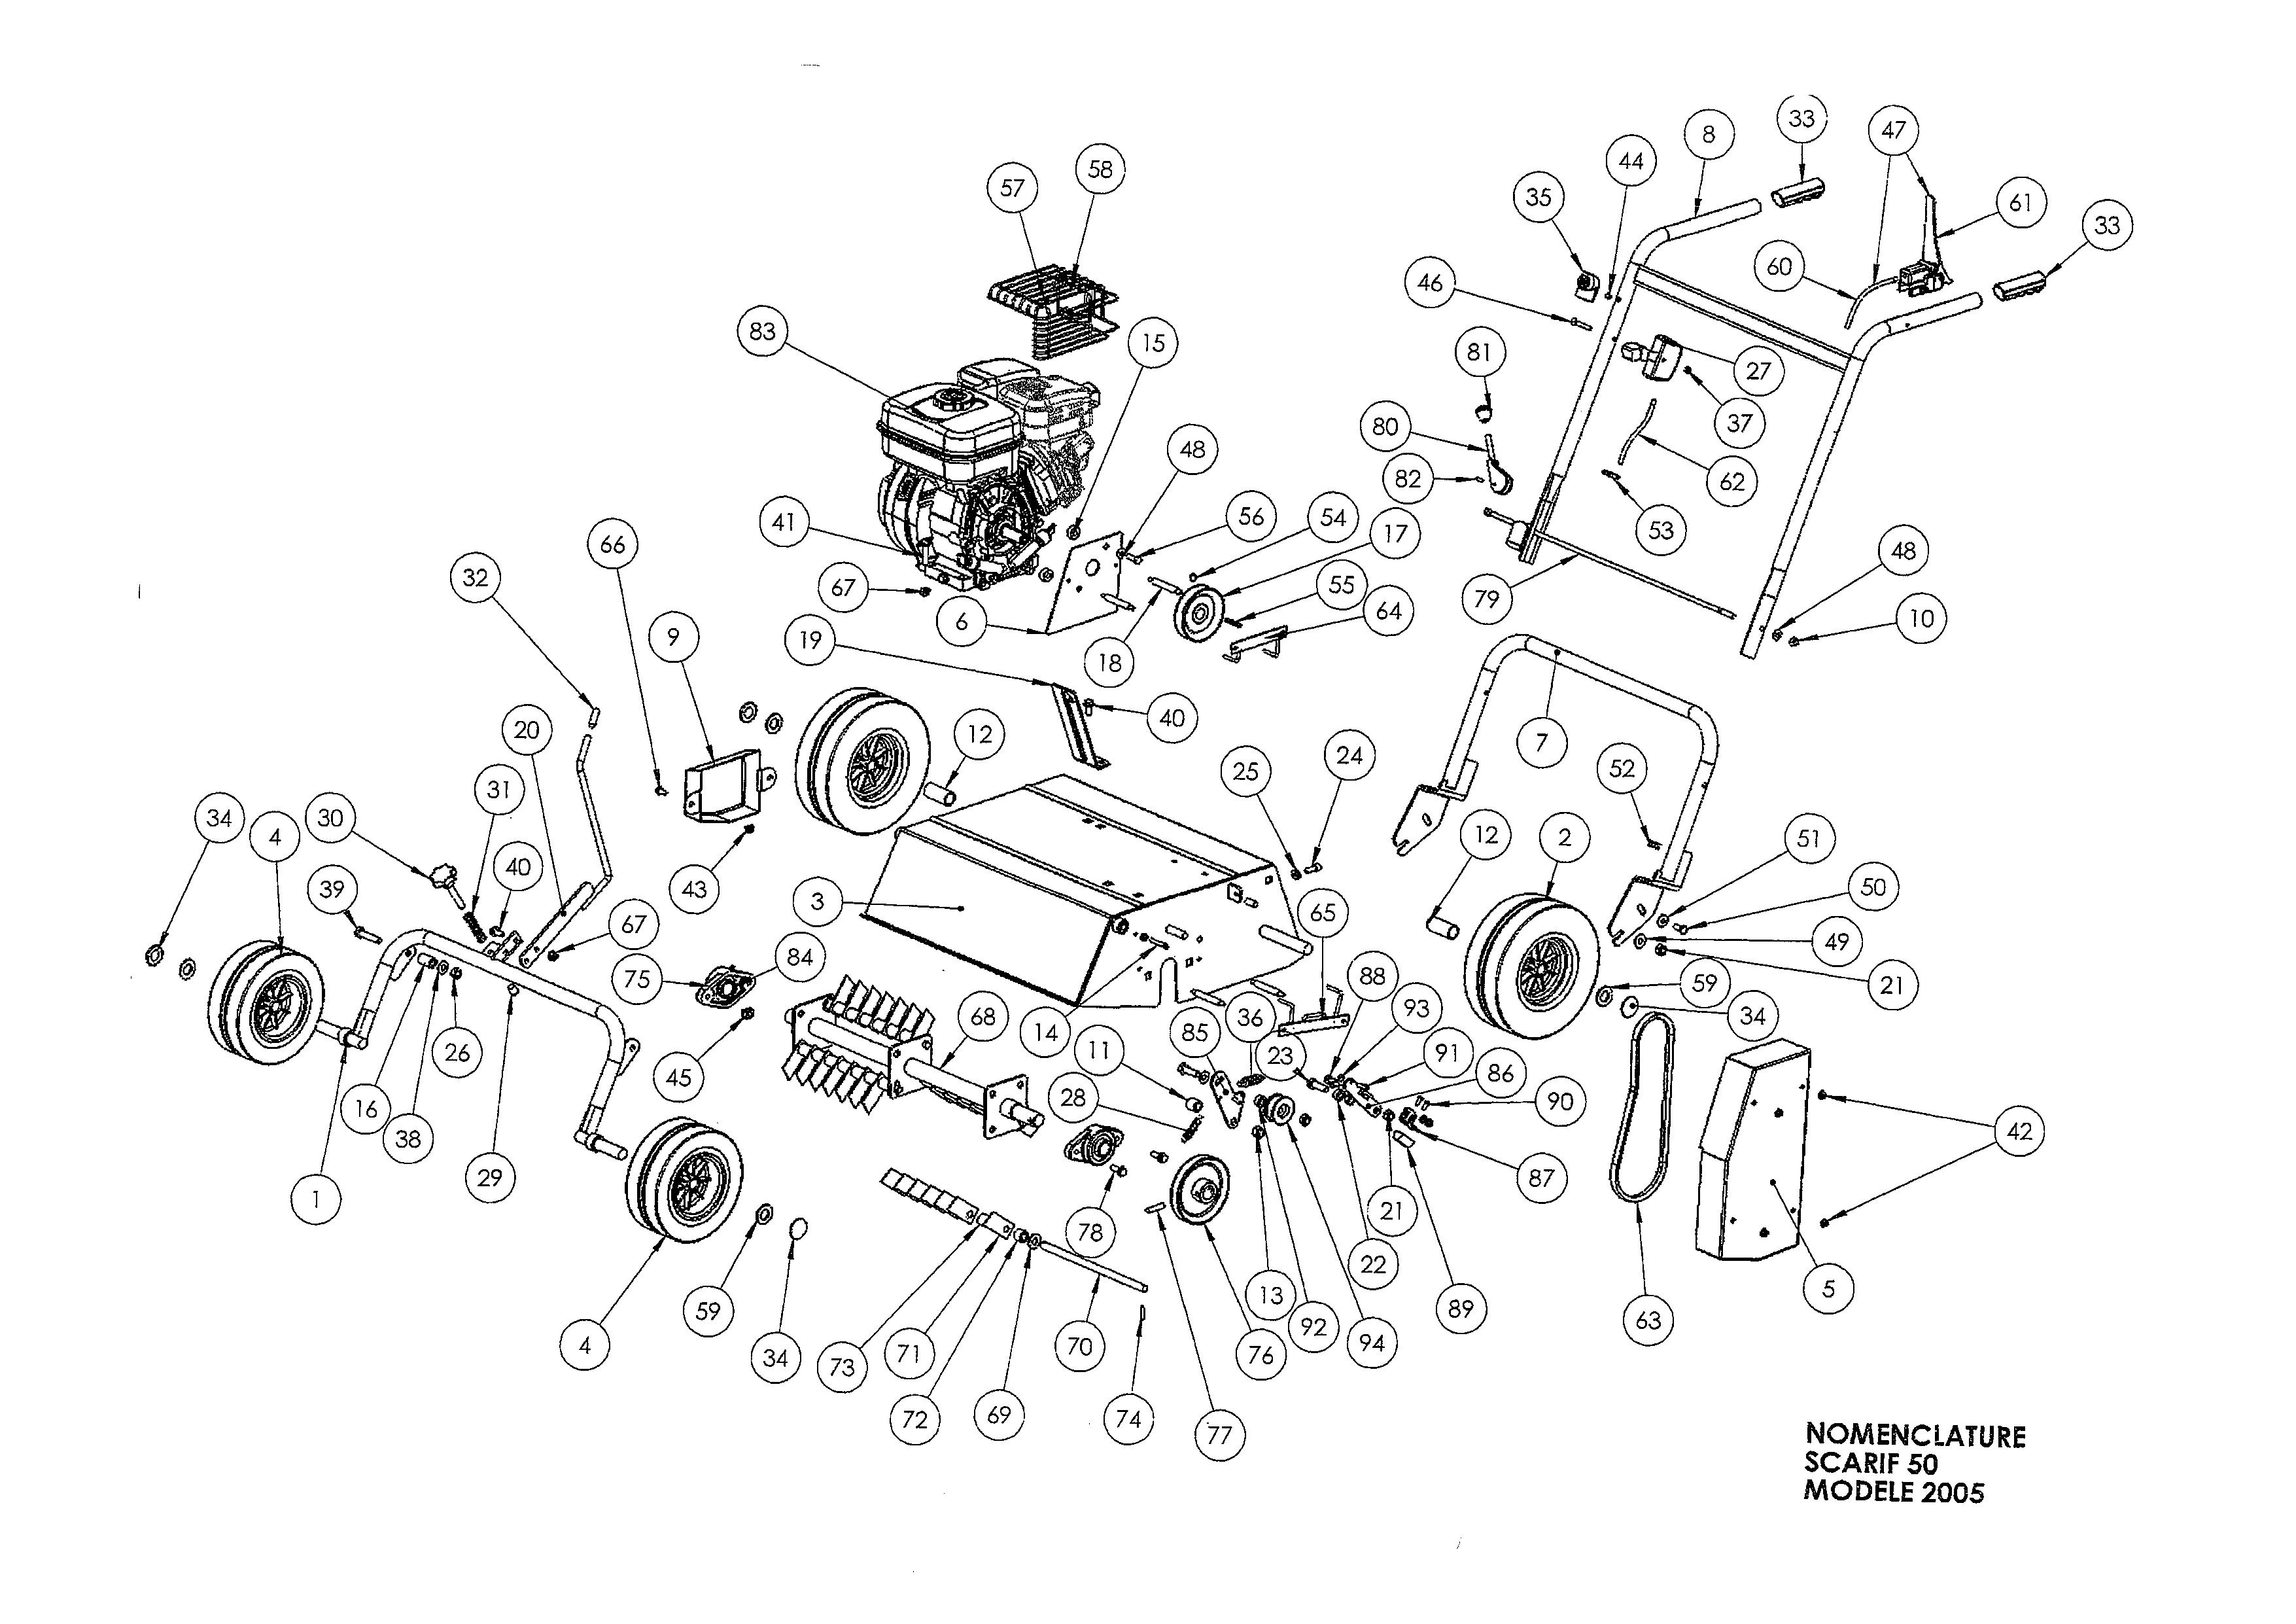 SCA 50 Scarificateur OLEOMAC Dessins pièces -  Vue éclatée